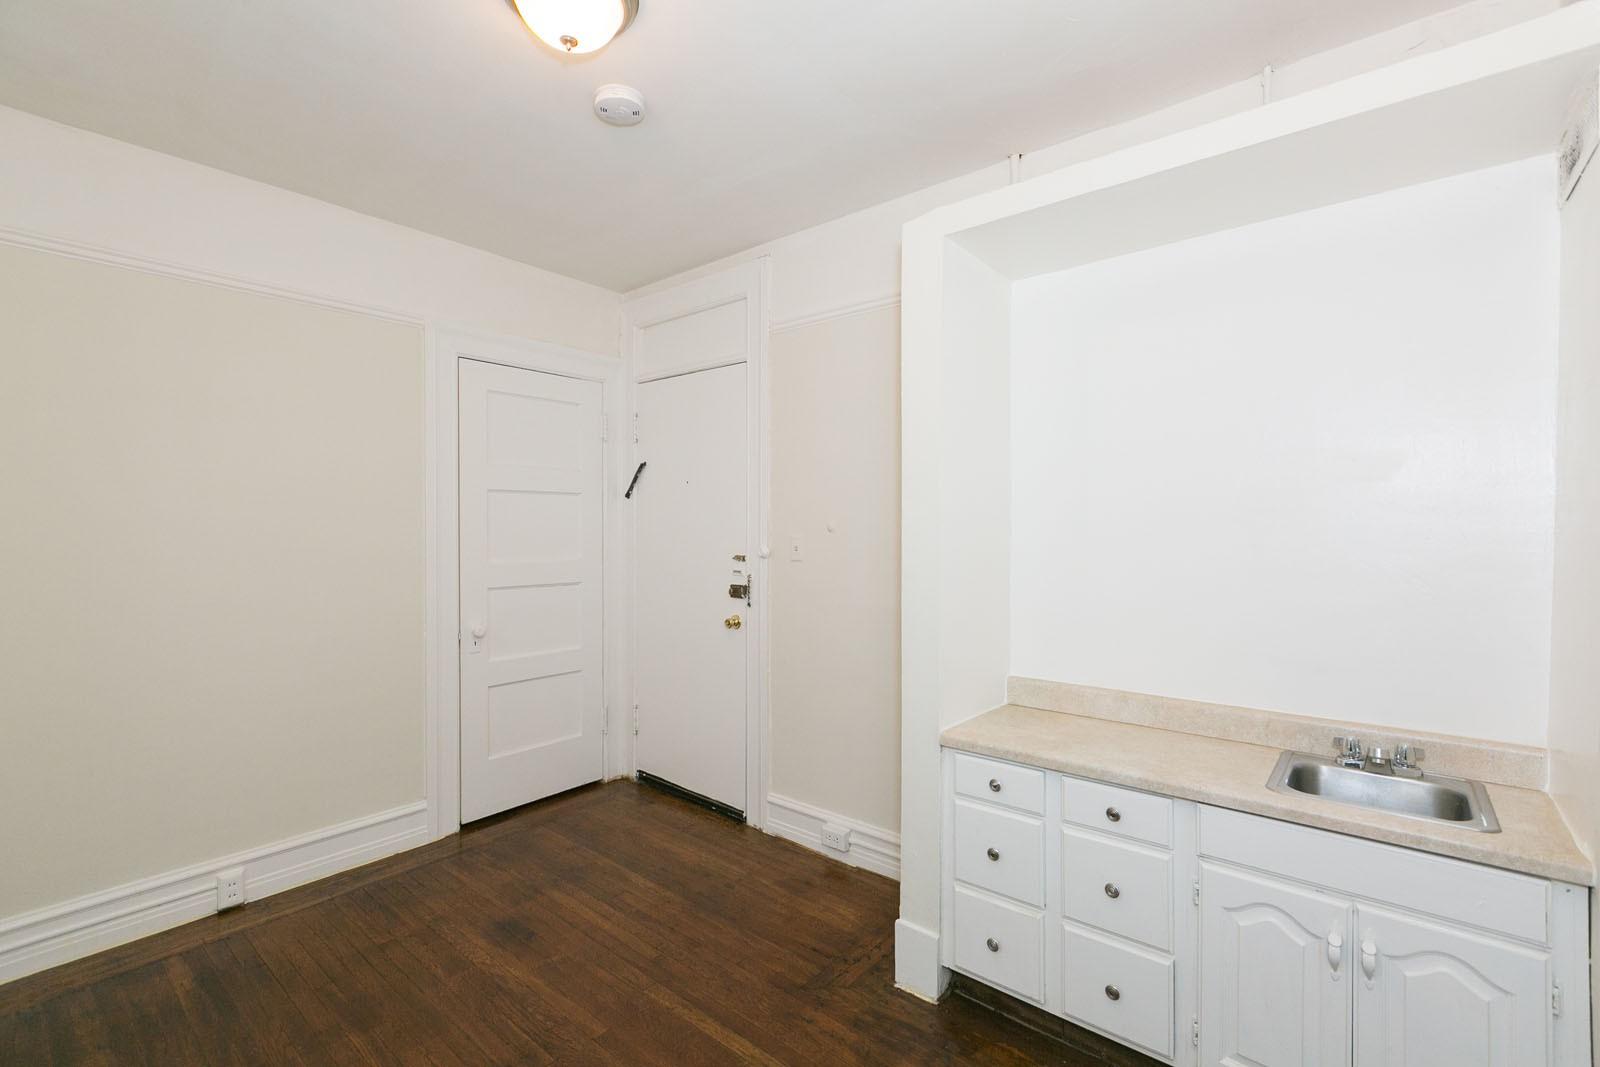 698 BUSH Apartments for rent